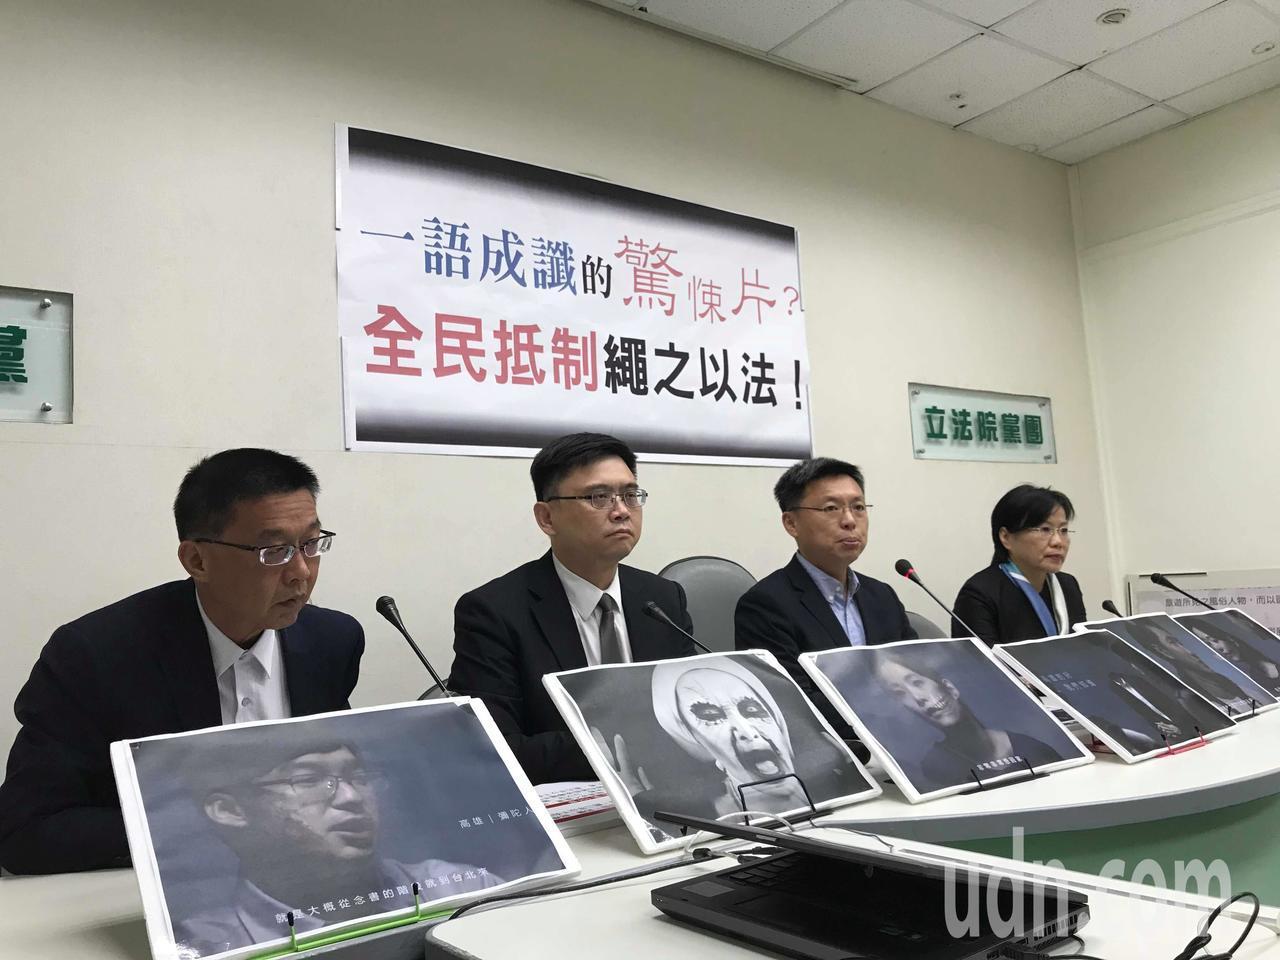 民進黨立委許智傑(左一)、民進黨立院黨團副幹事長賴瑞隆(左二)。記者林麒瑋/攝影